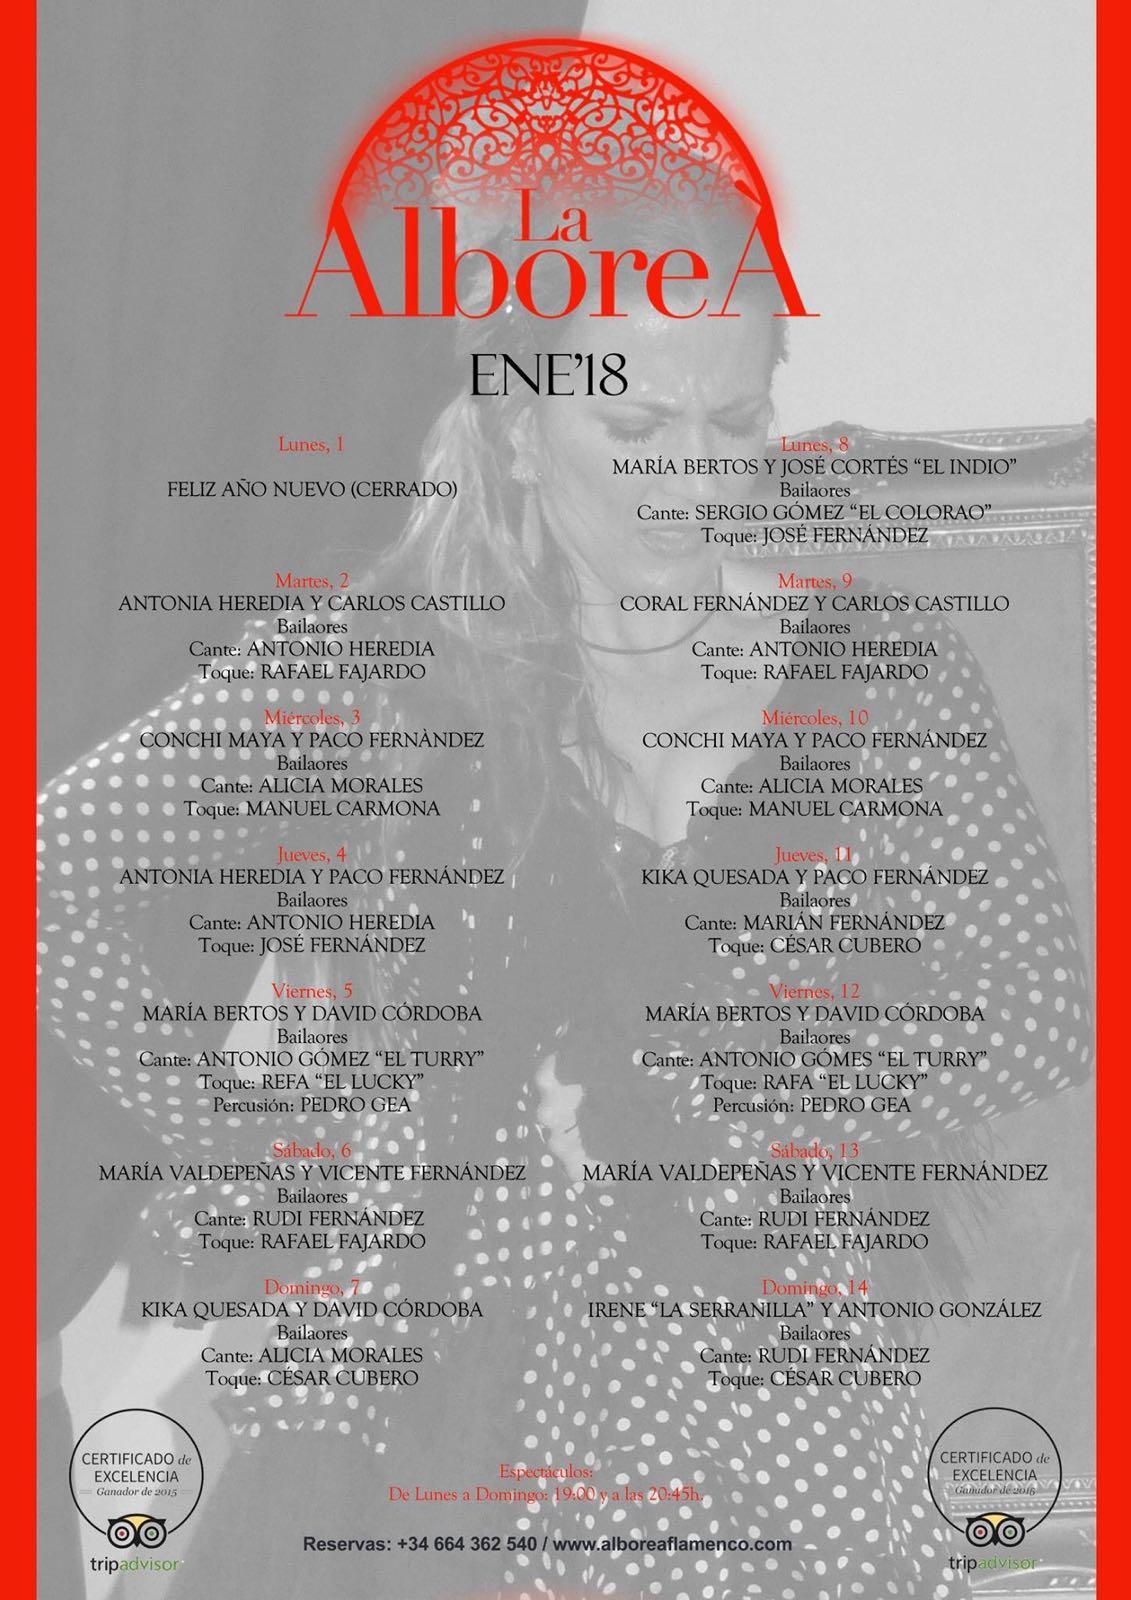 Flamenco en Granada Enero 2018 - Programación artistas